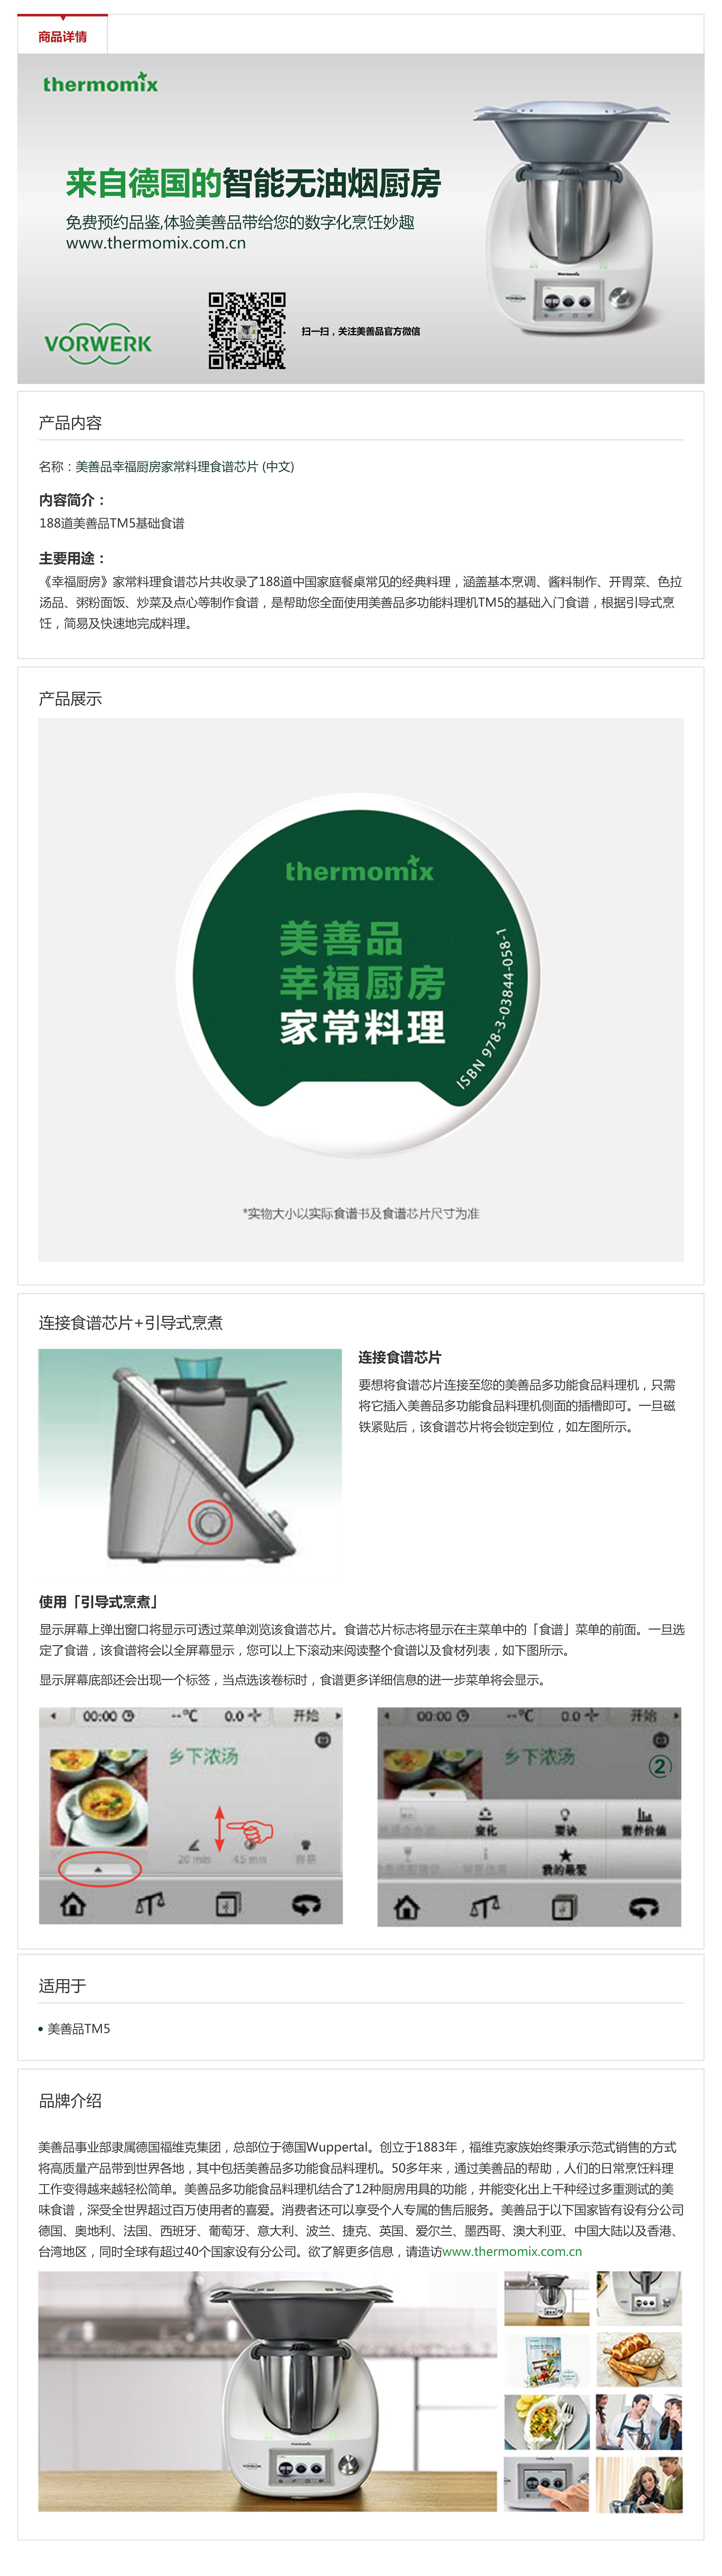 美善品幸福厨房家常料理食谱芯片 (中文)